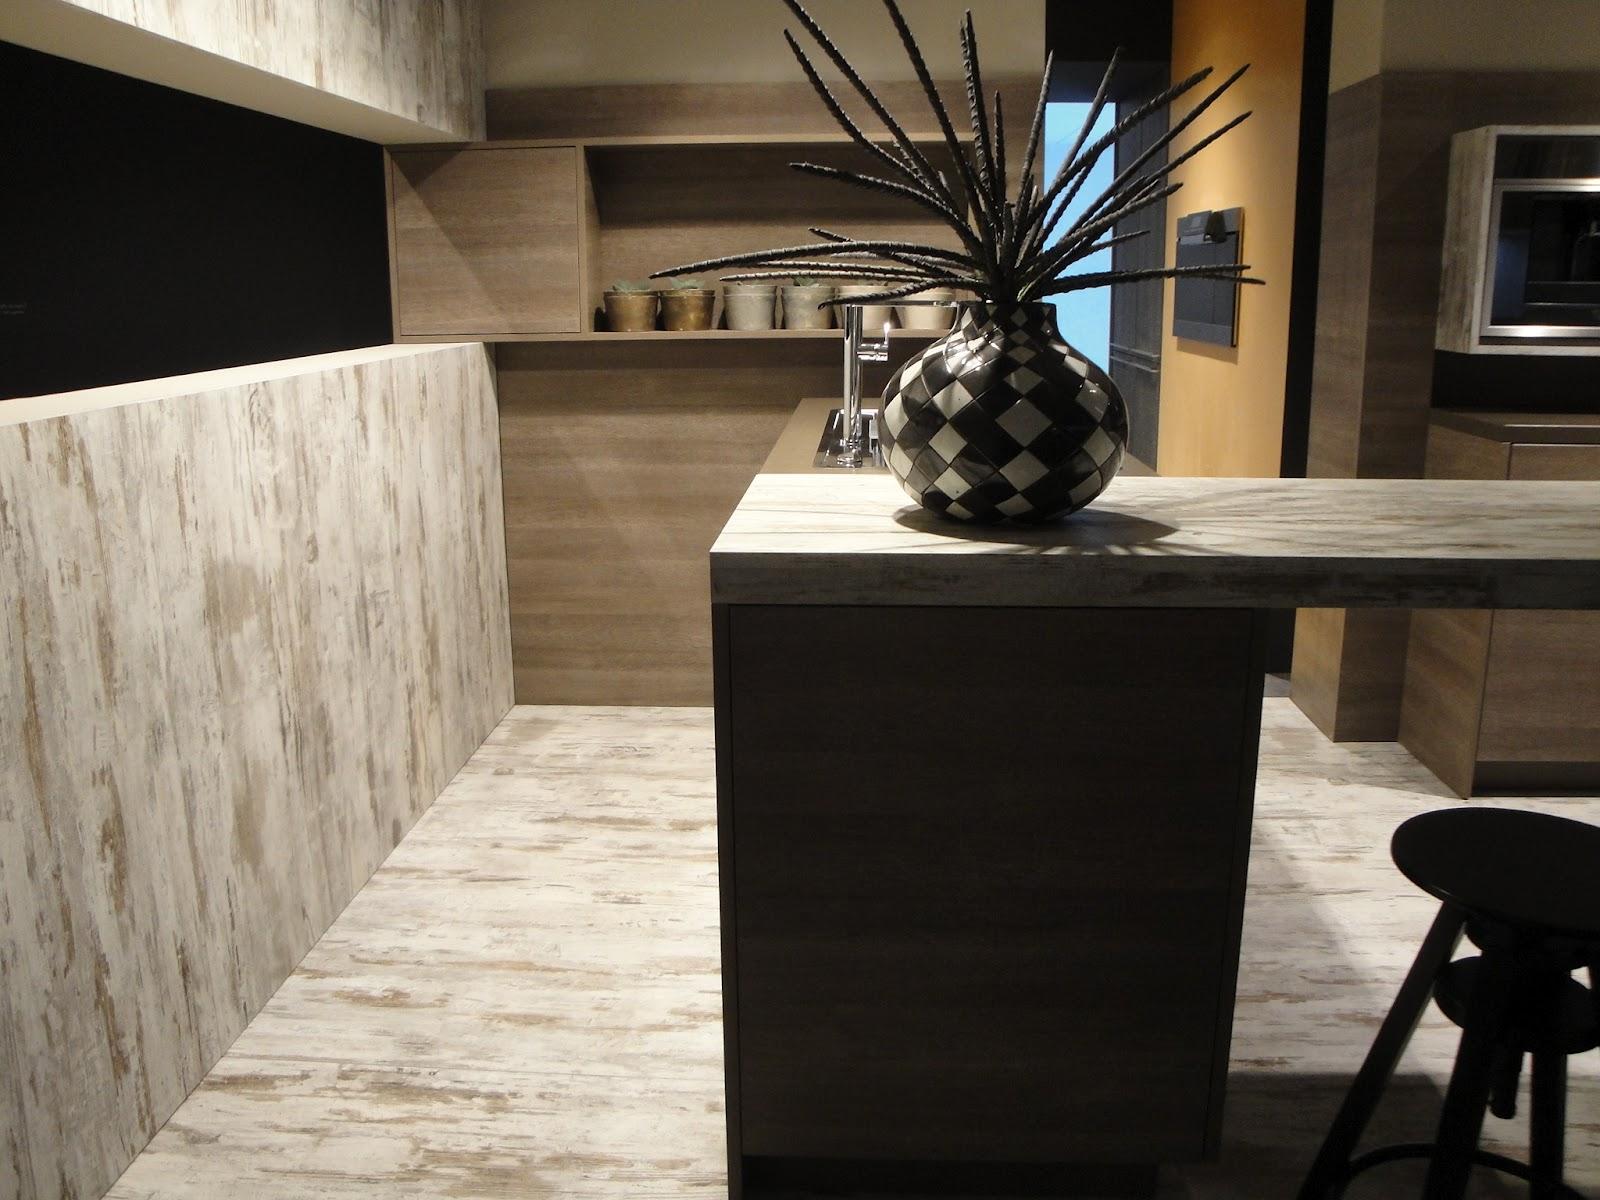 Nieuwe Keuken Kosten: Soorten keuken kasten - wat kost een. Kosten ...